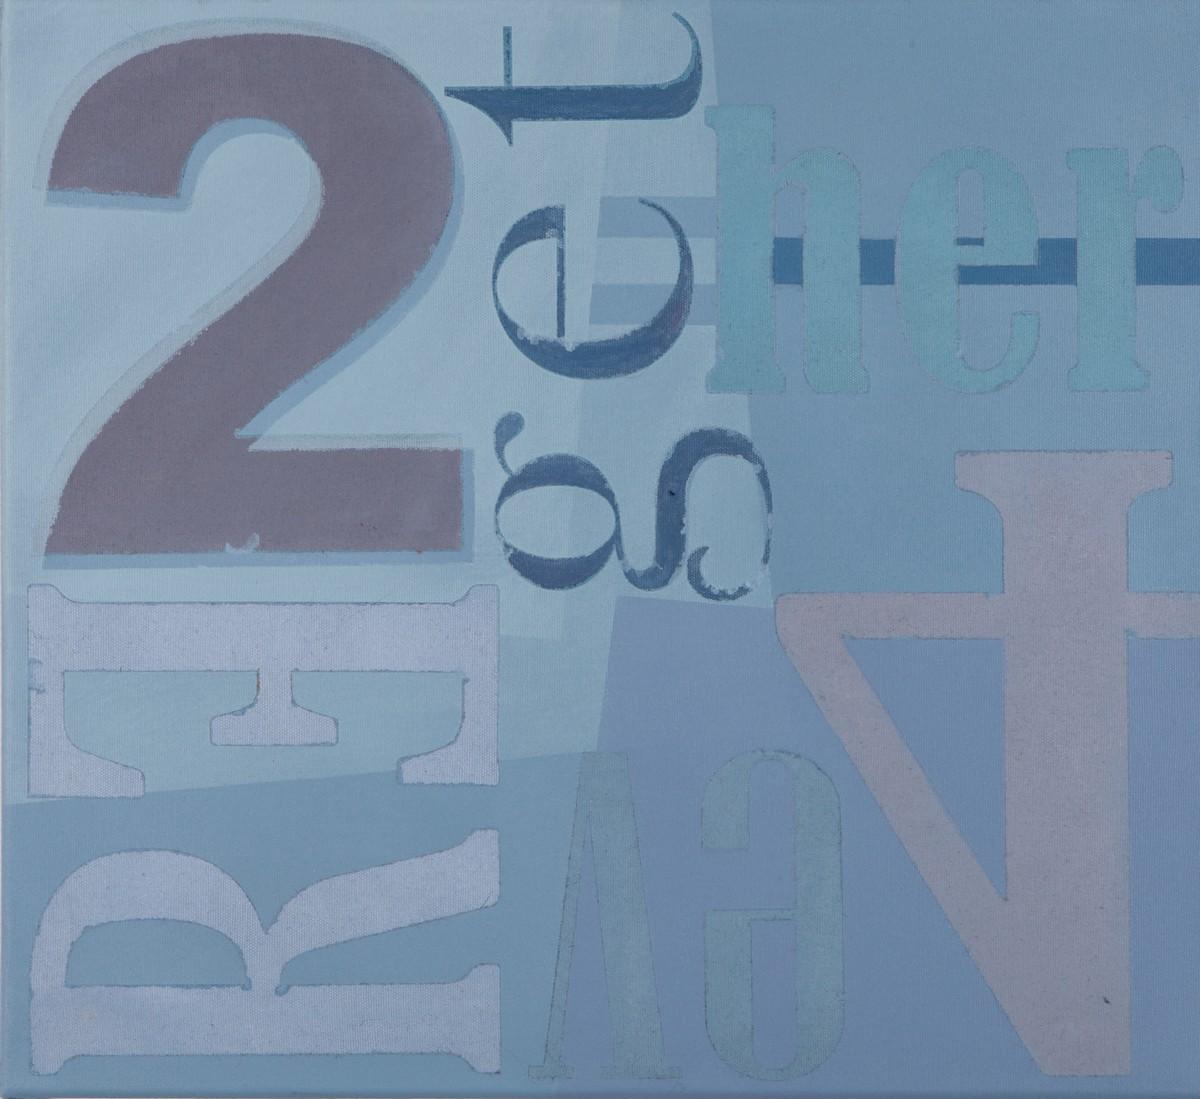 Małgorzata Dawidek Gryglicka, 2GetHer4Ever, Poznan 2009, akryl na p3ótnie, 50 × 50 cm, fot. Zdzisław Orłowski